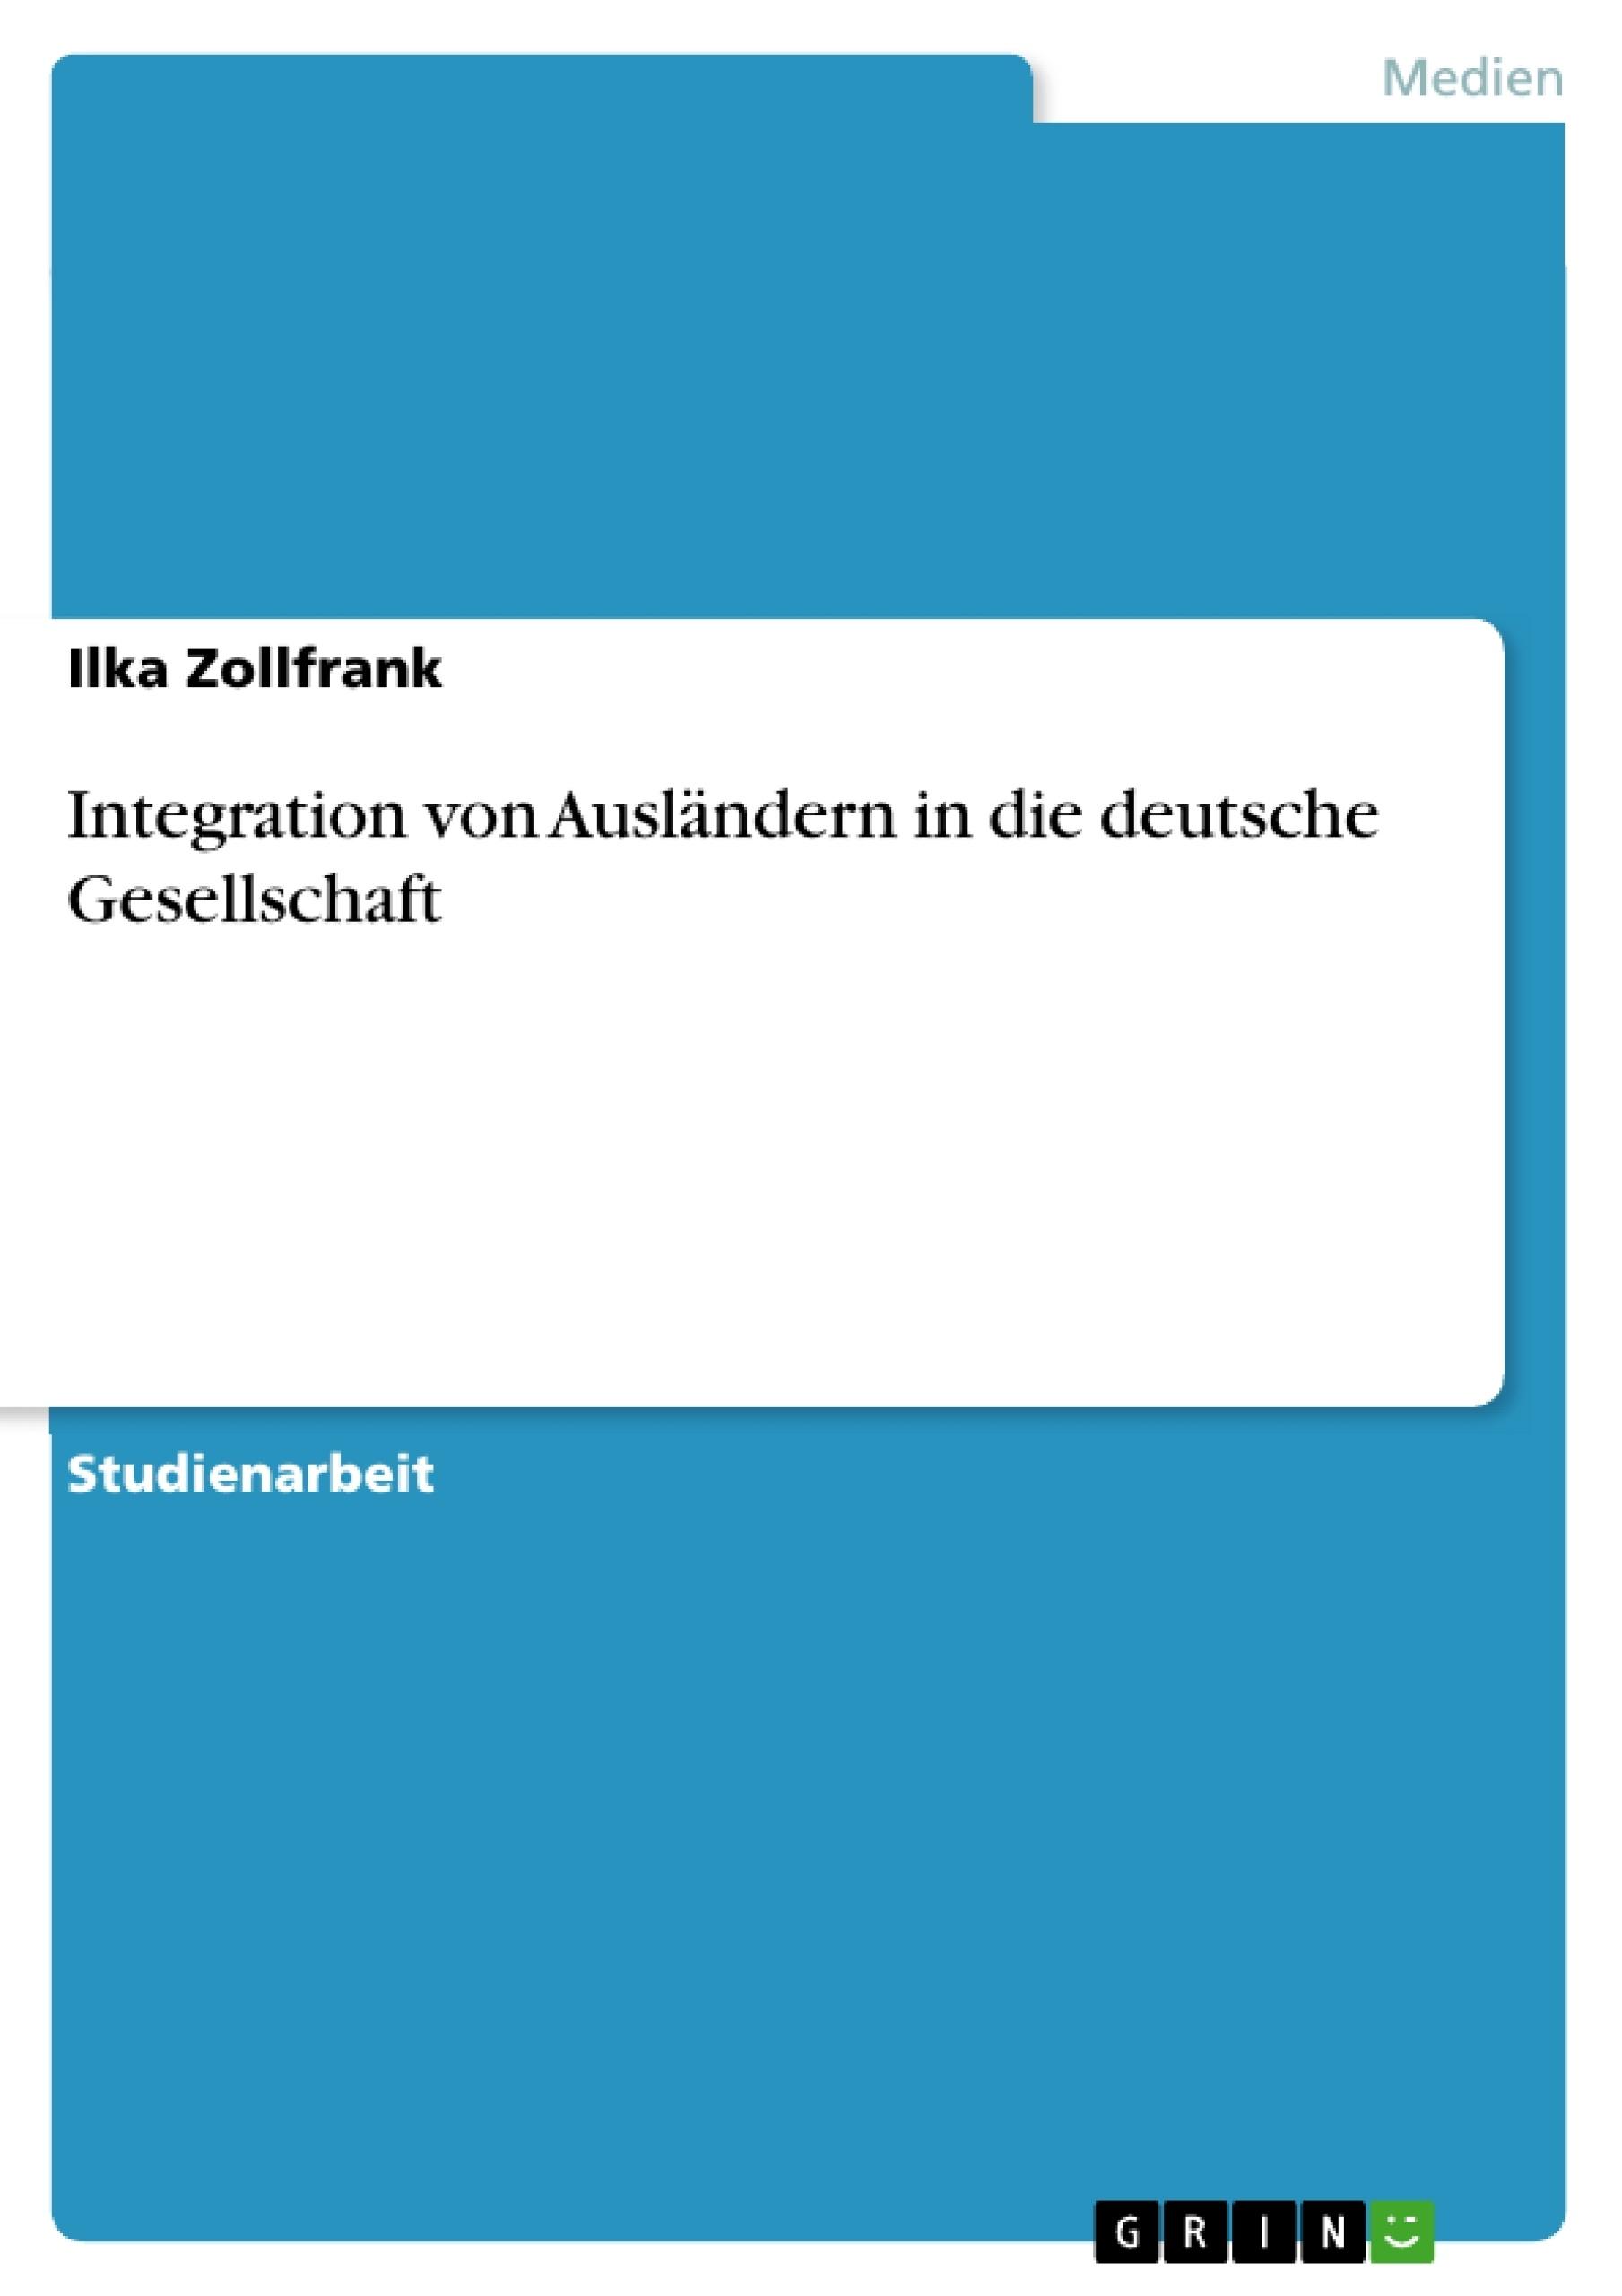 Titel: Integration von Ausländern in die deutsche Gesellschaft